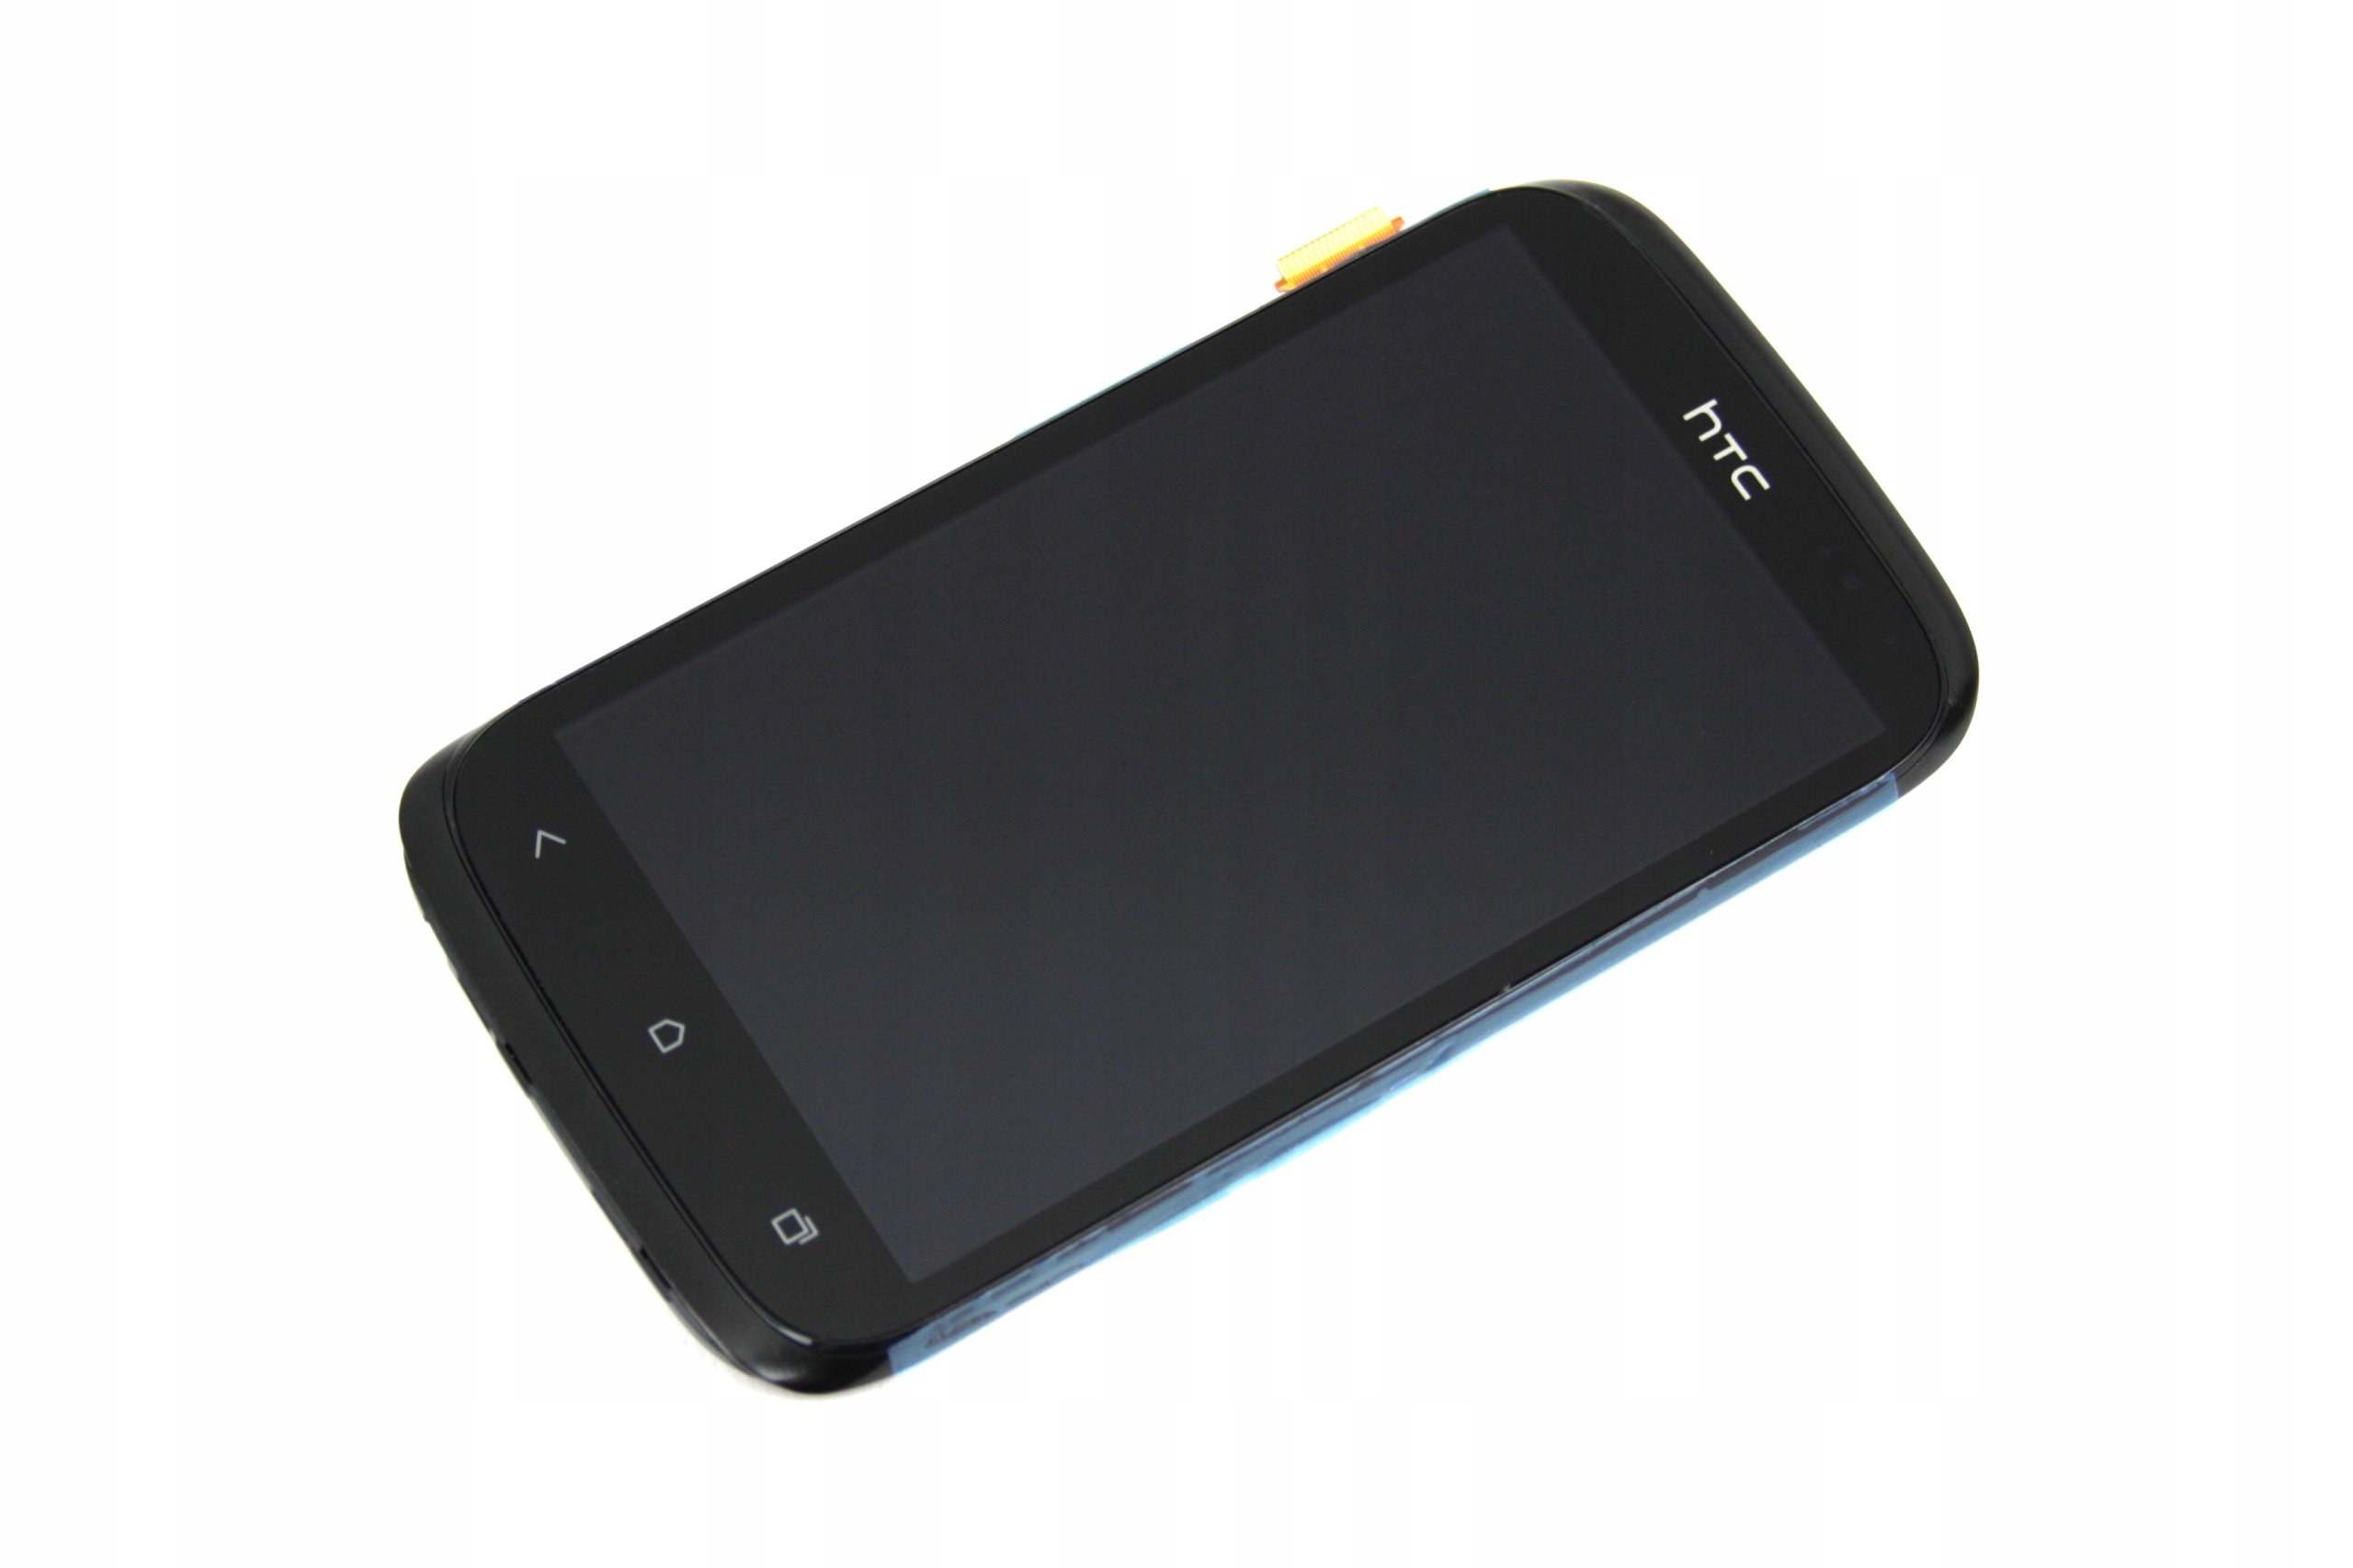 WYŚWIETLACZ EKRAN DOTYKOWY HTC DESIRE X T328E LCD